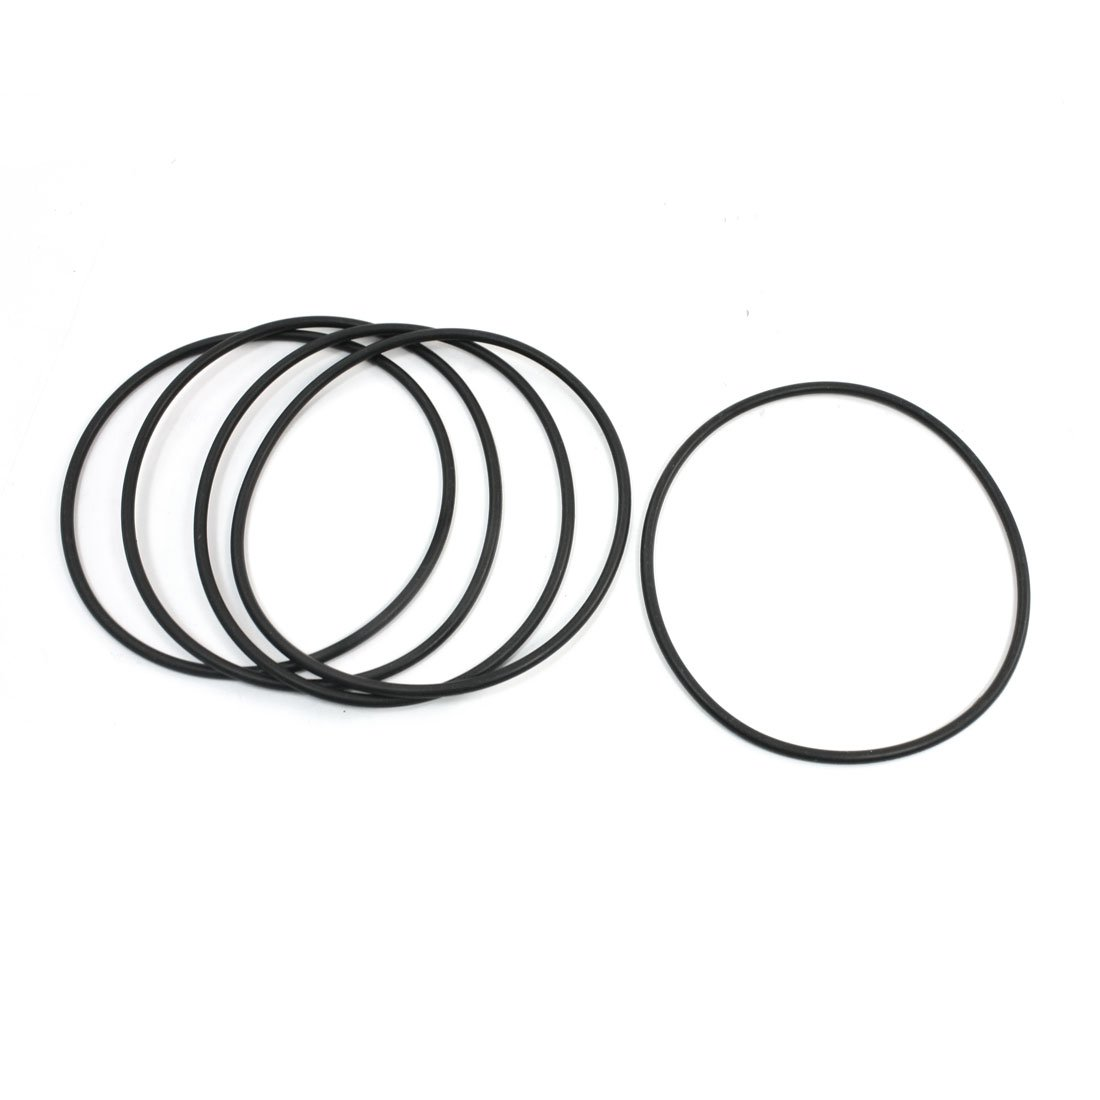 110 mm x 2,65 mm Black Rubber O Ring Oil versiegelt Dichtungen Unterlegscheiben, 5 Stü ck Sourcingmap a14022400ux0515